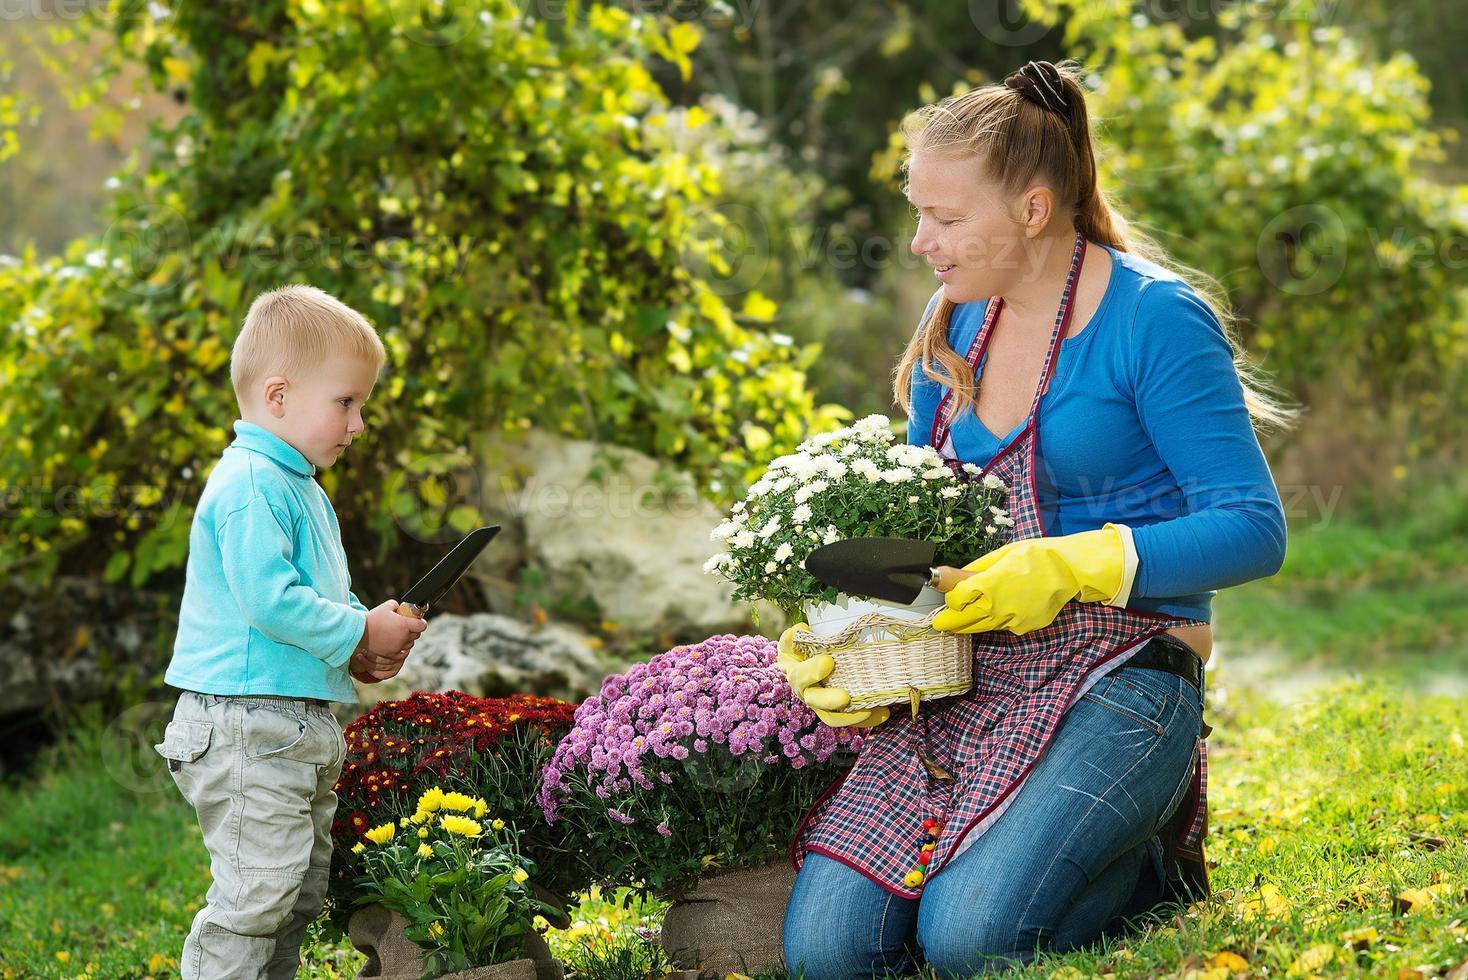 mujer joven con un niño foto